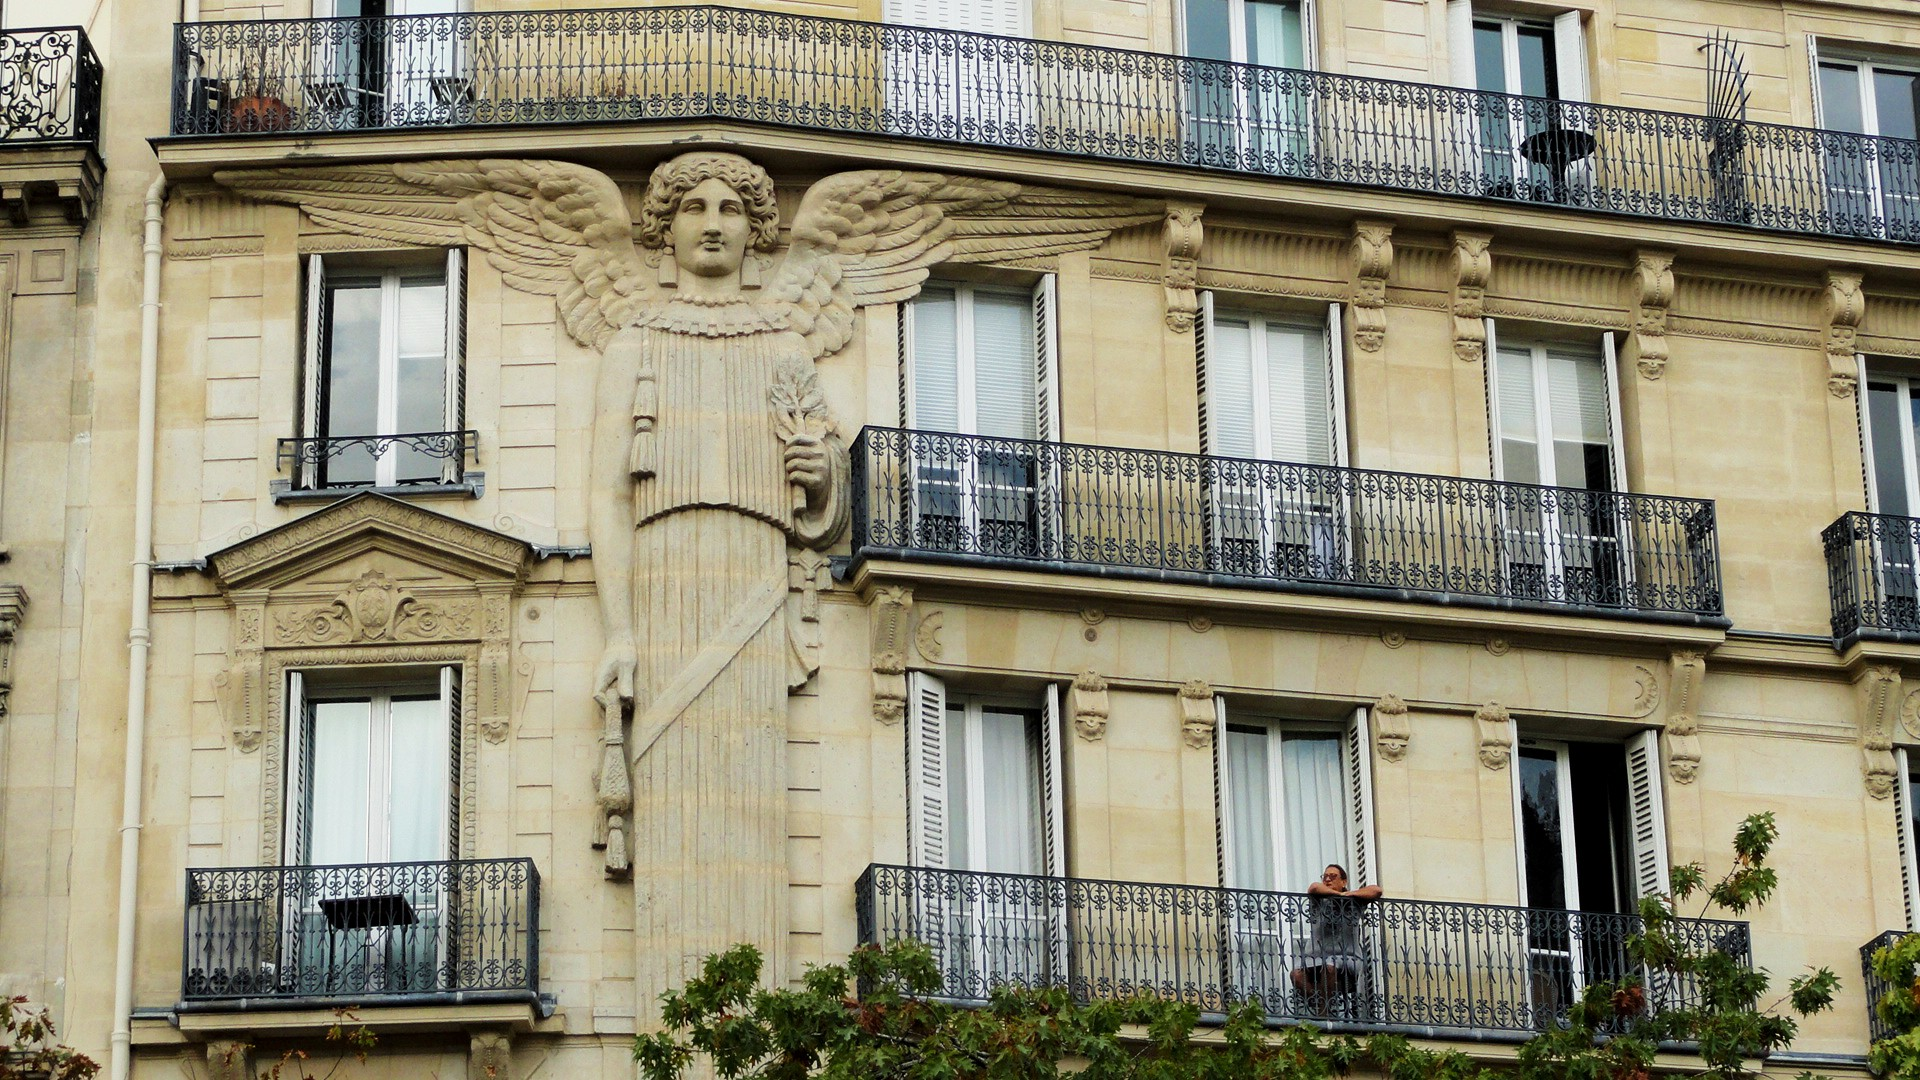 Balade dans le quartier Arts et Métier (3e) - Rue de Turbigo - L'Ange